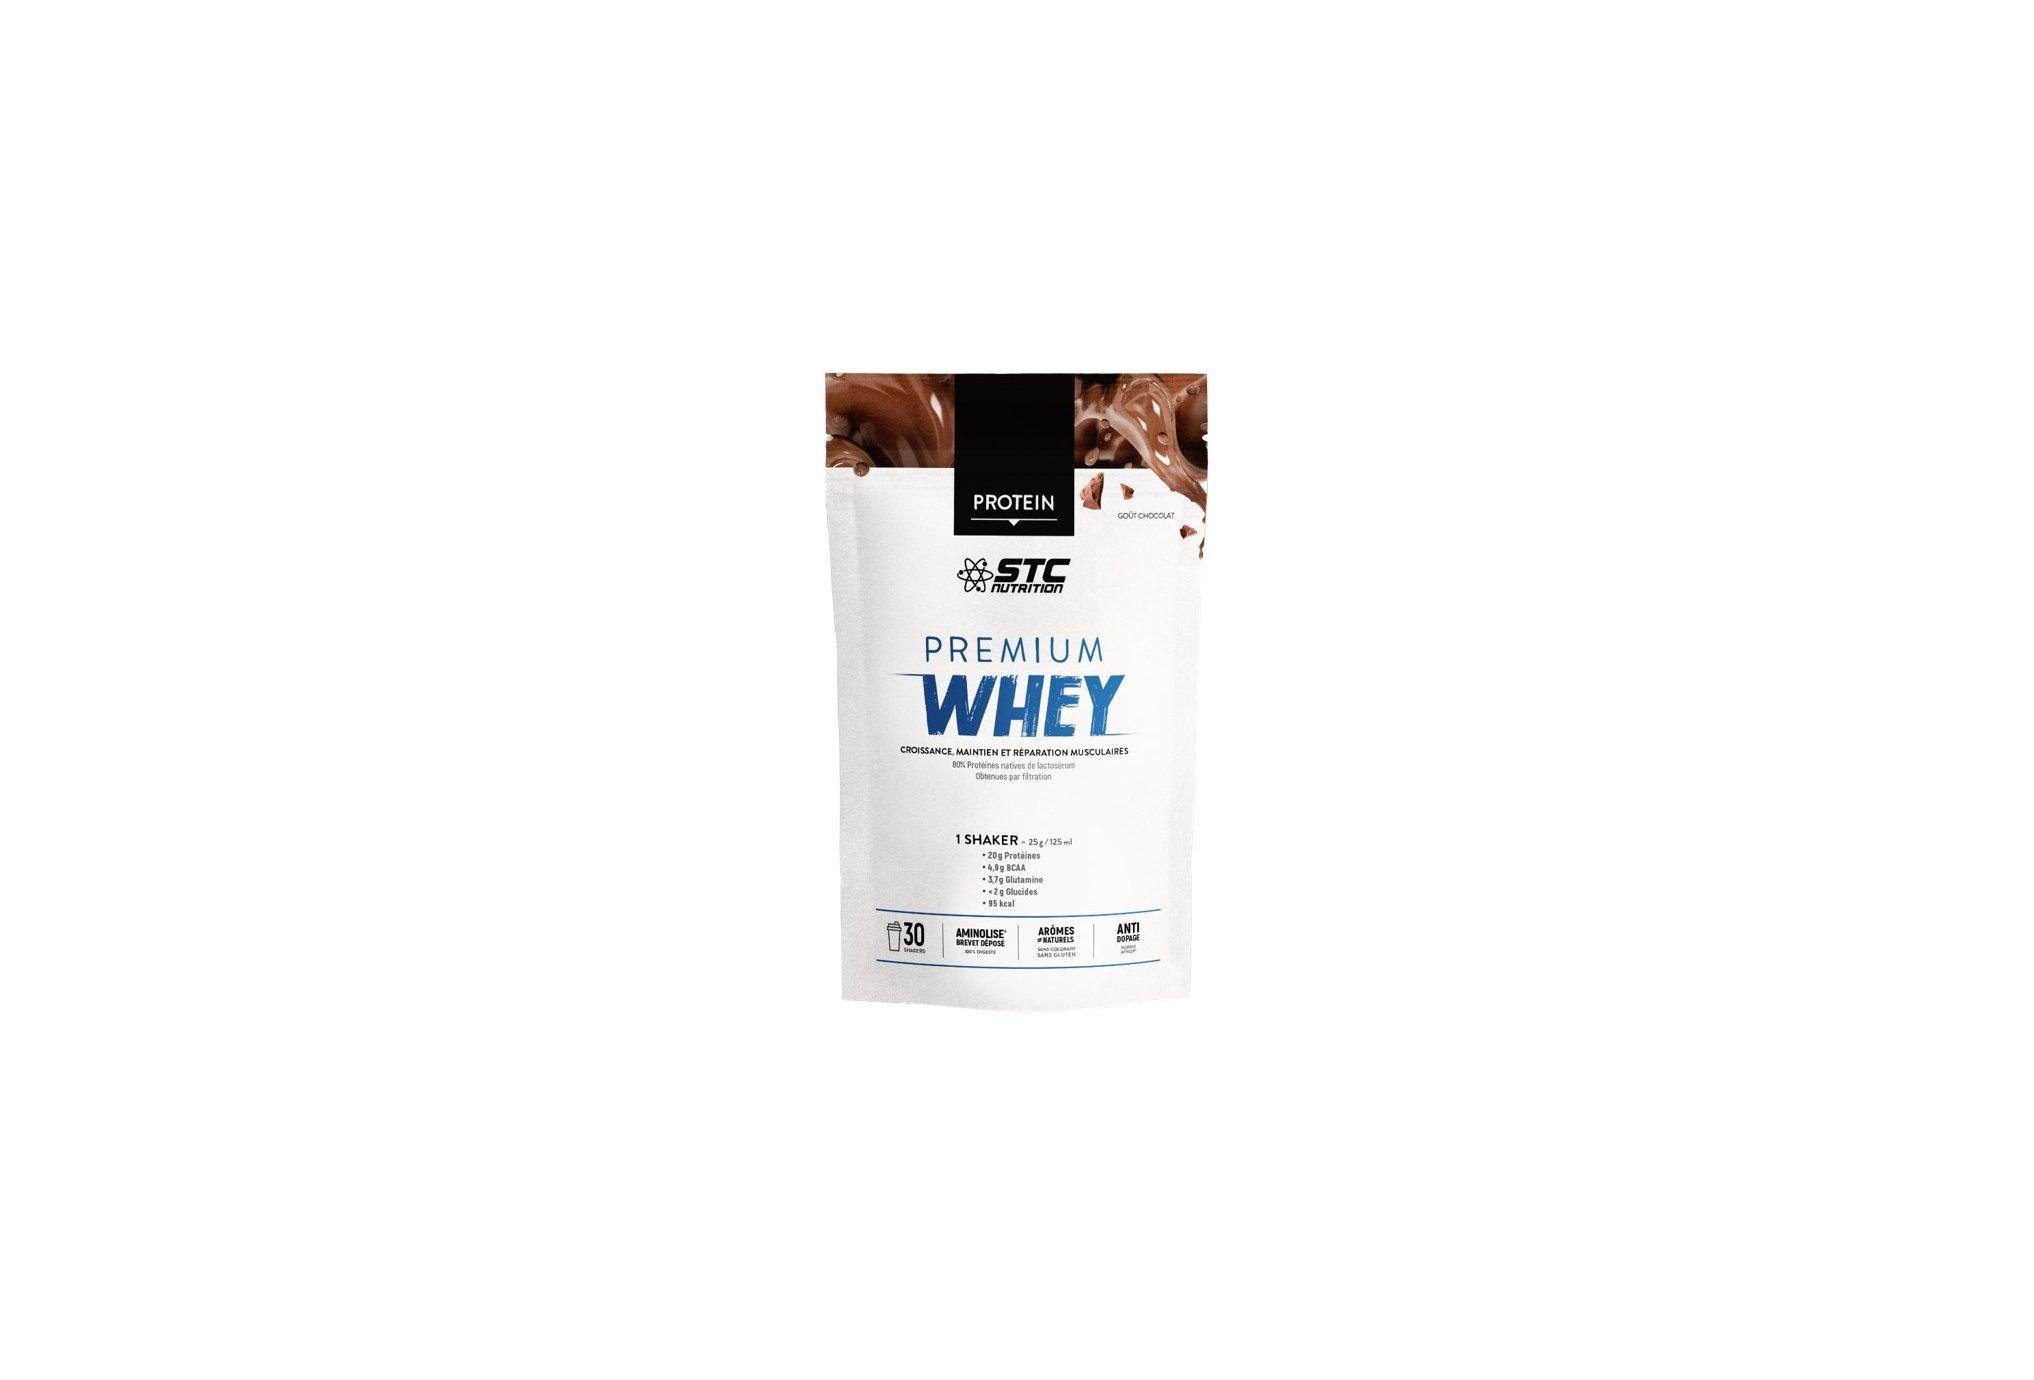 STC Nutrition Whey Pure Premium Protein chocolat 750 g Diététique Protéines / récupération